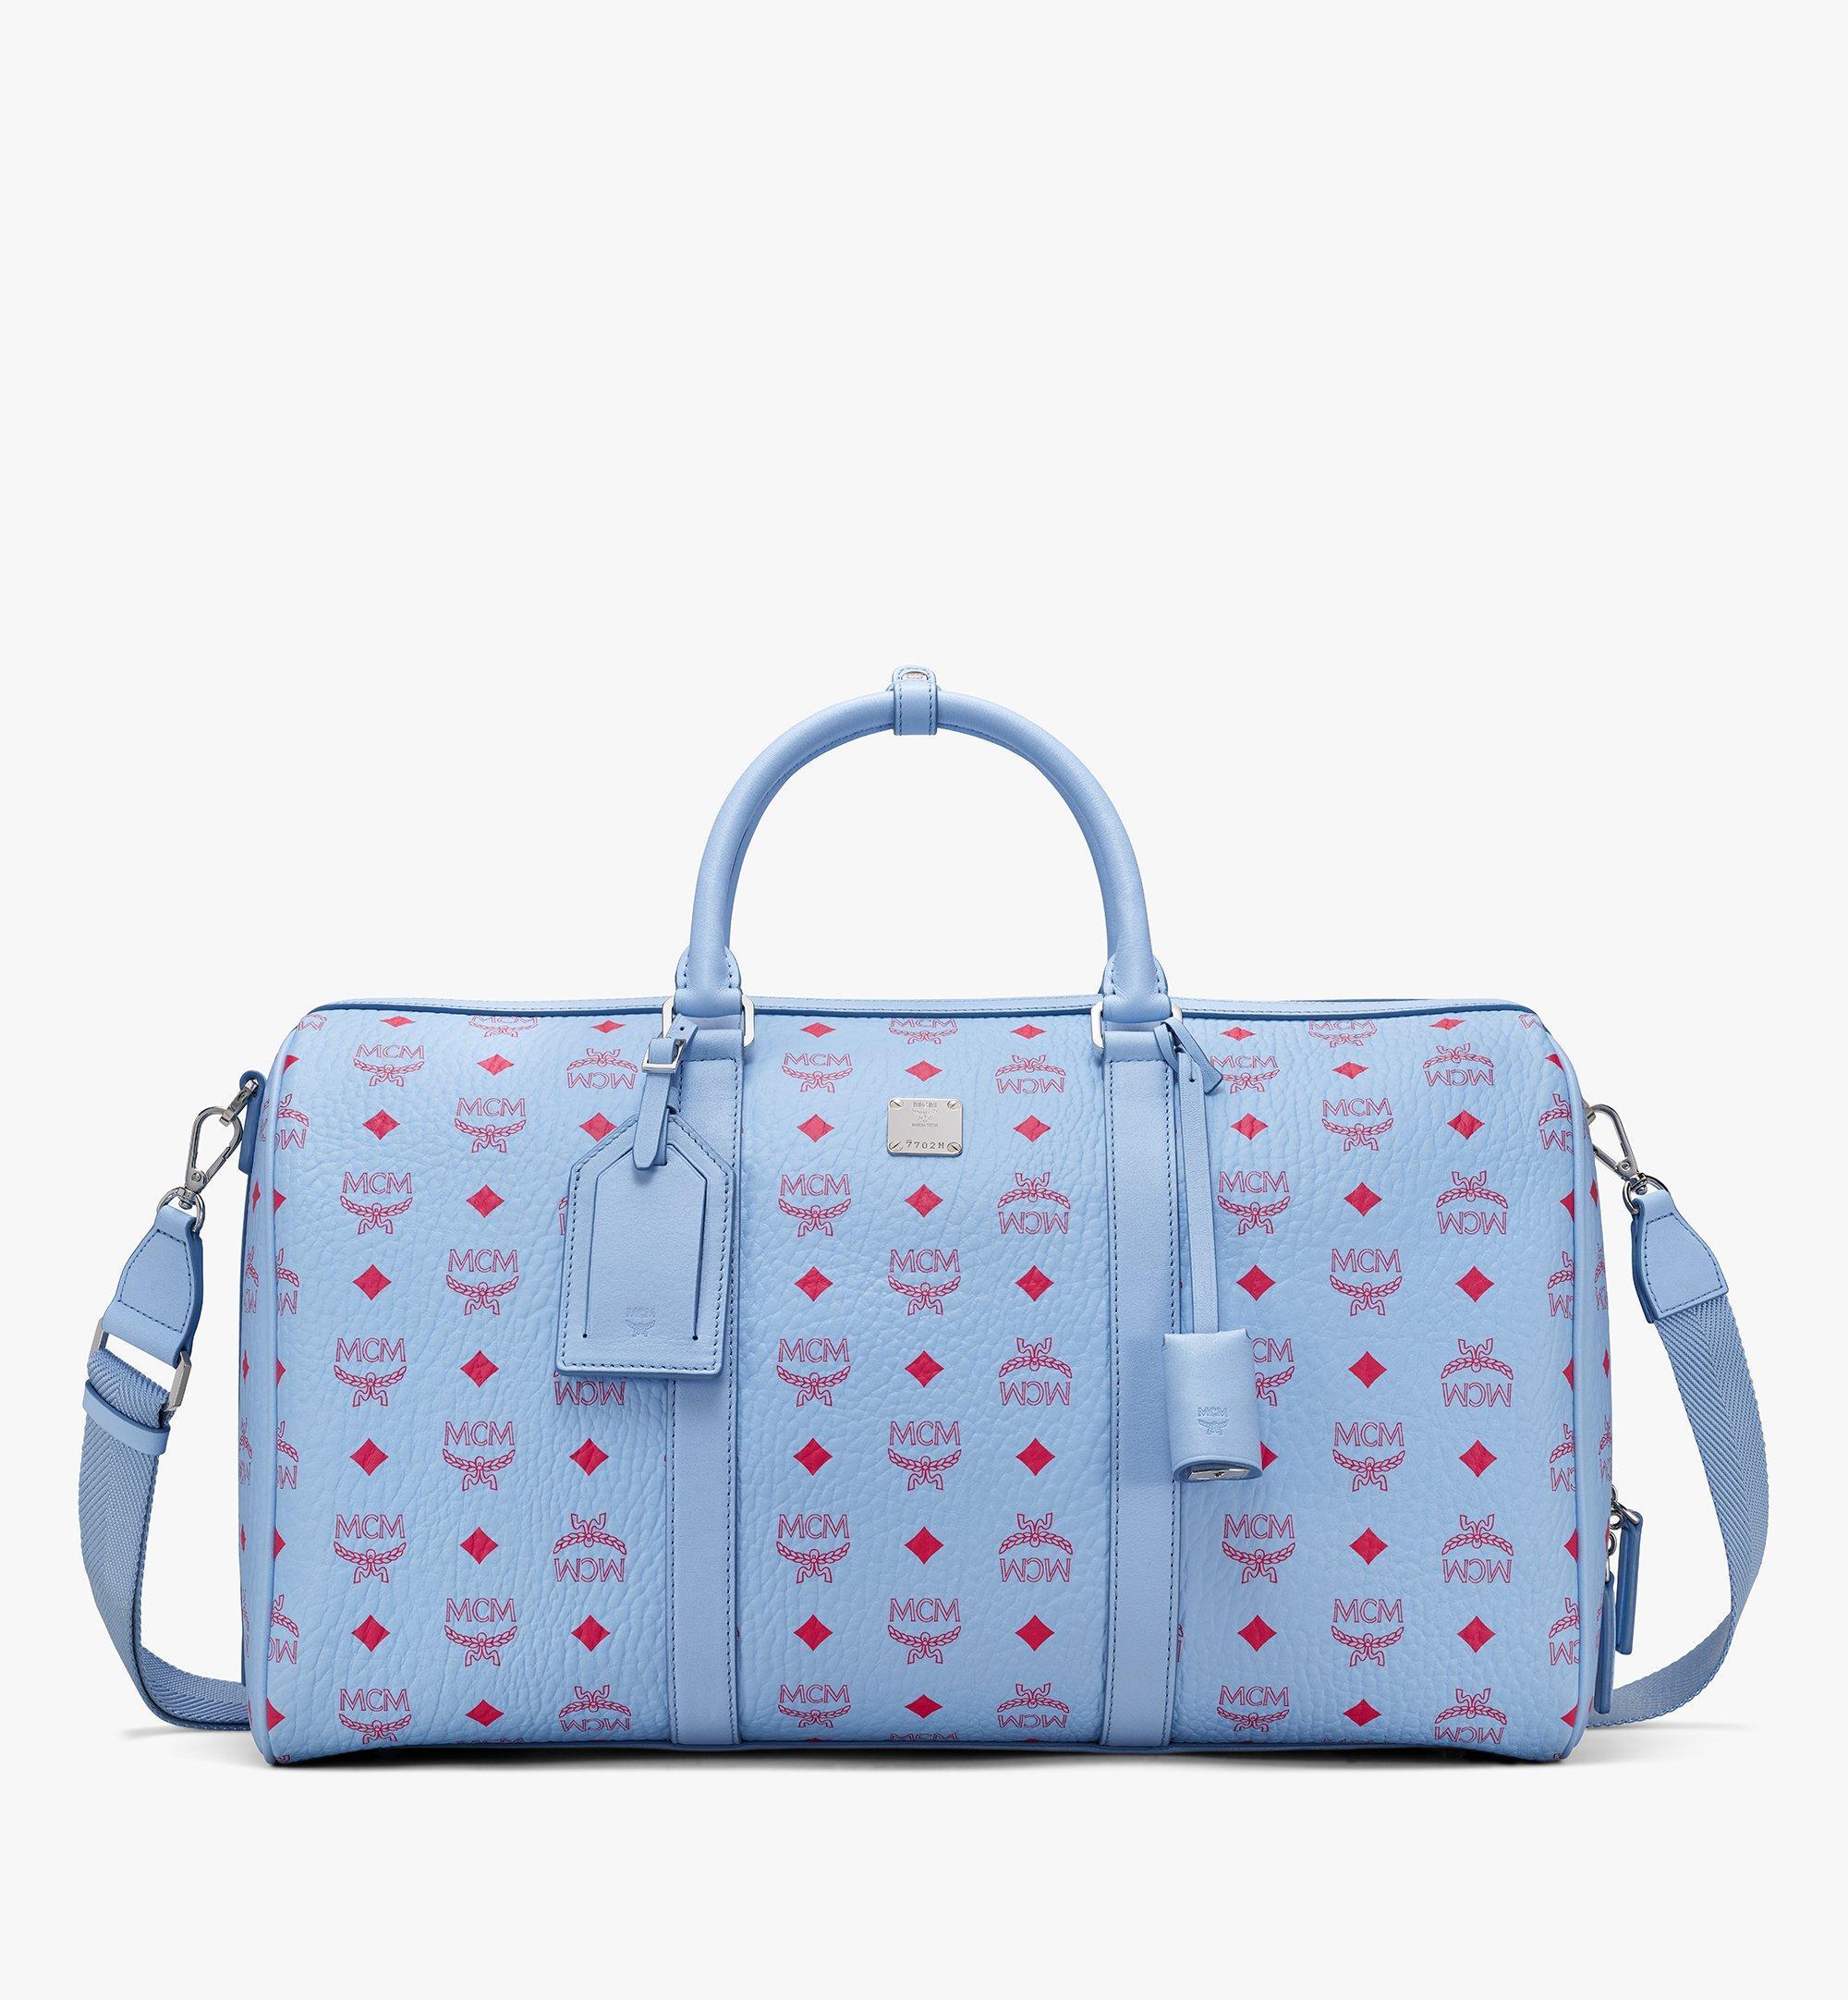 MCM Traveler Weekender Bag in Visetos Blue MMVASVY02H2001 Alternate View 1